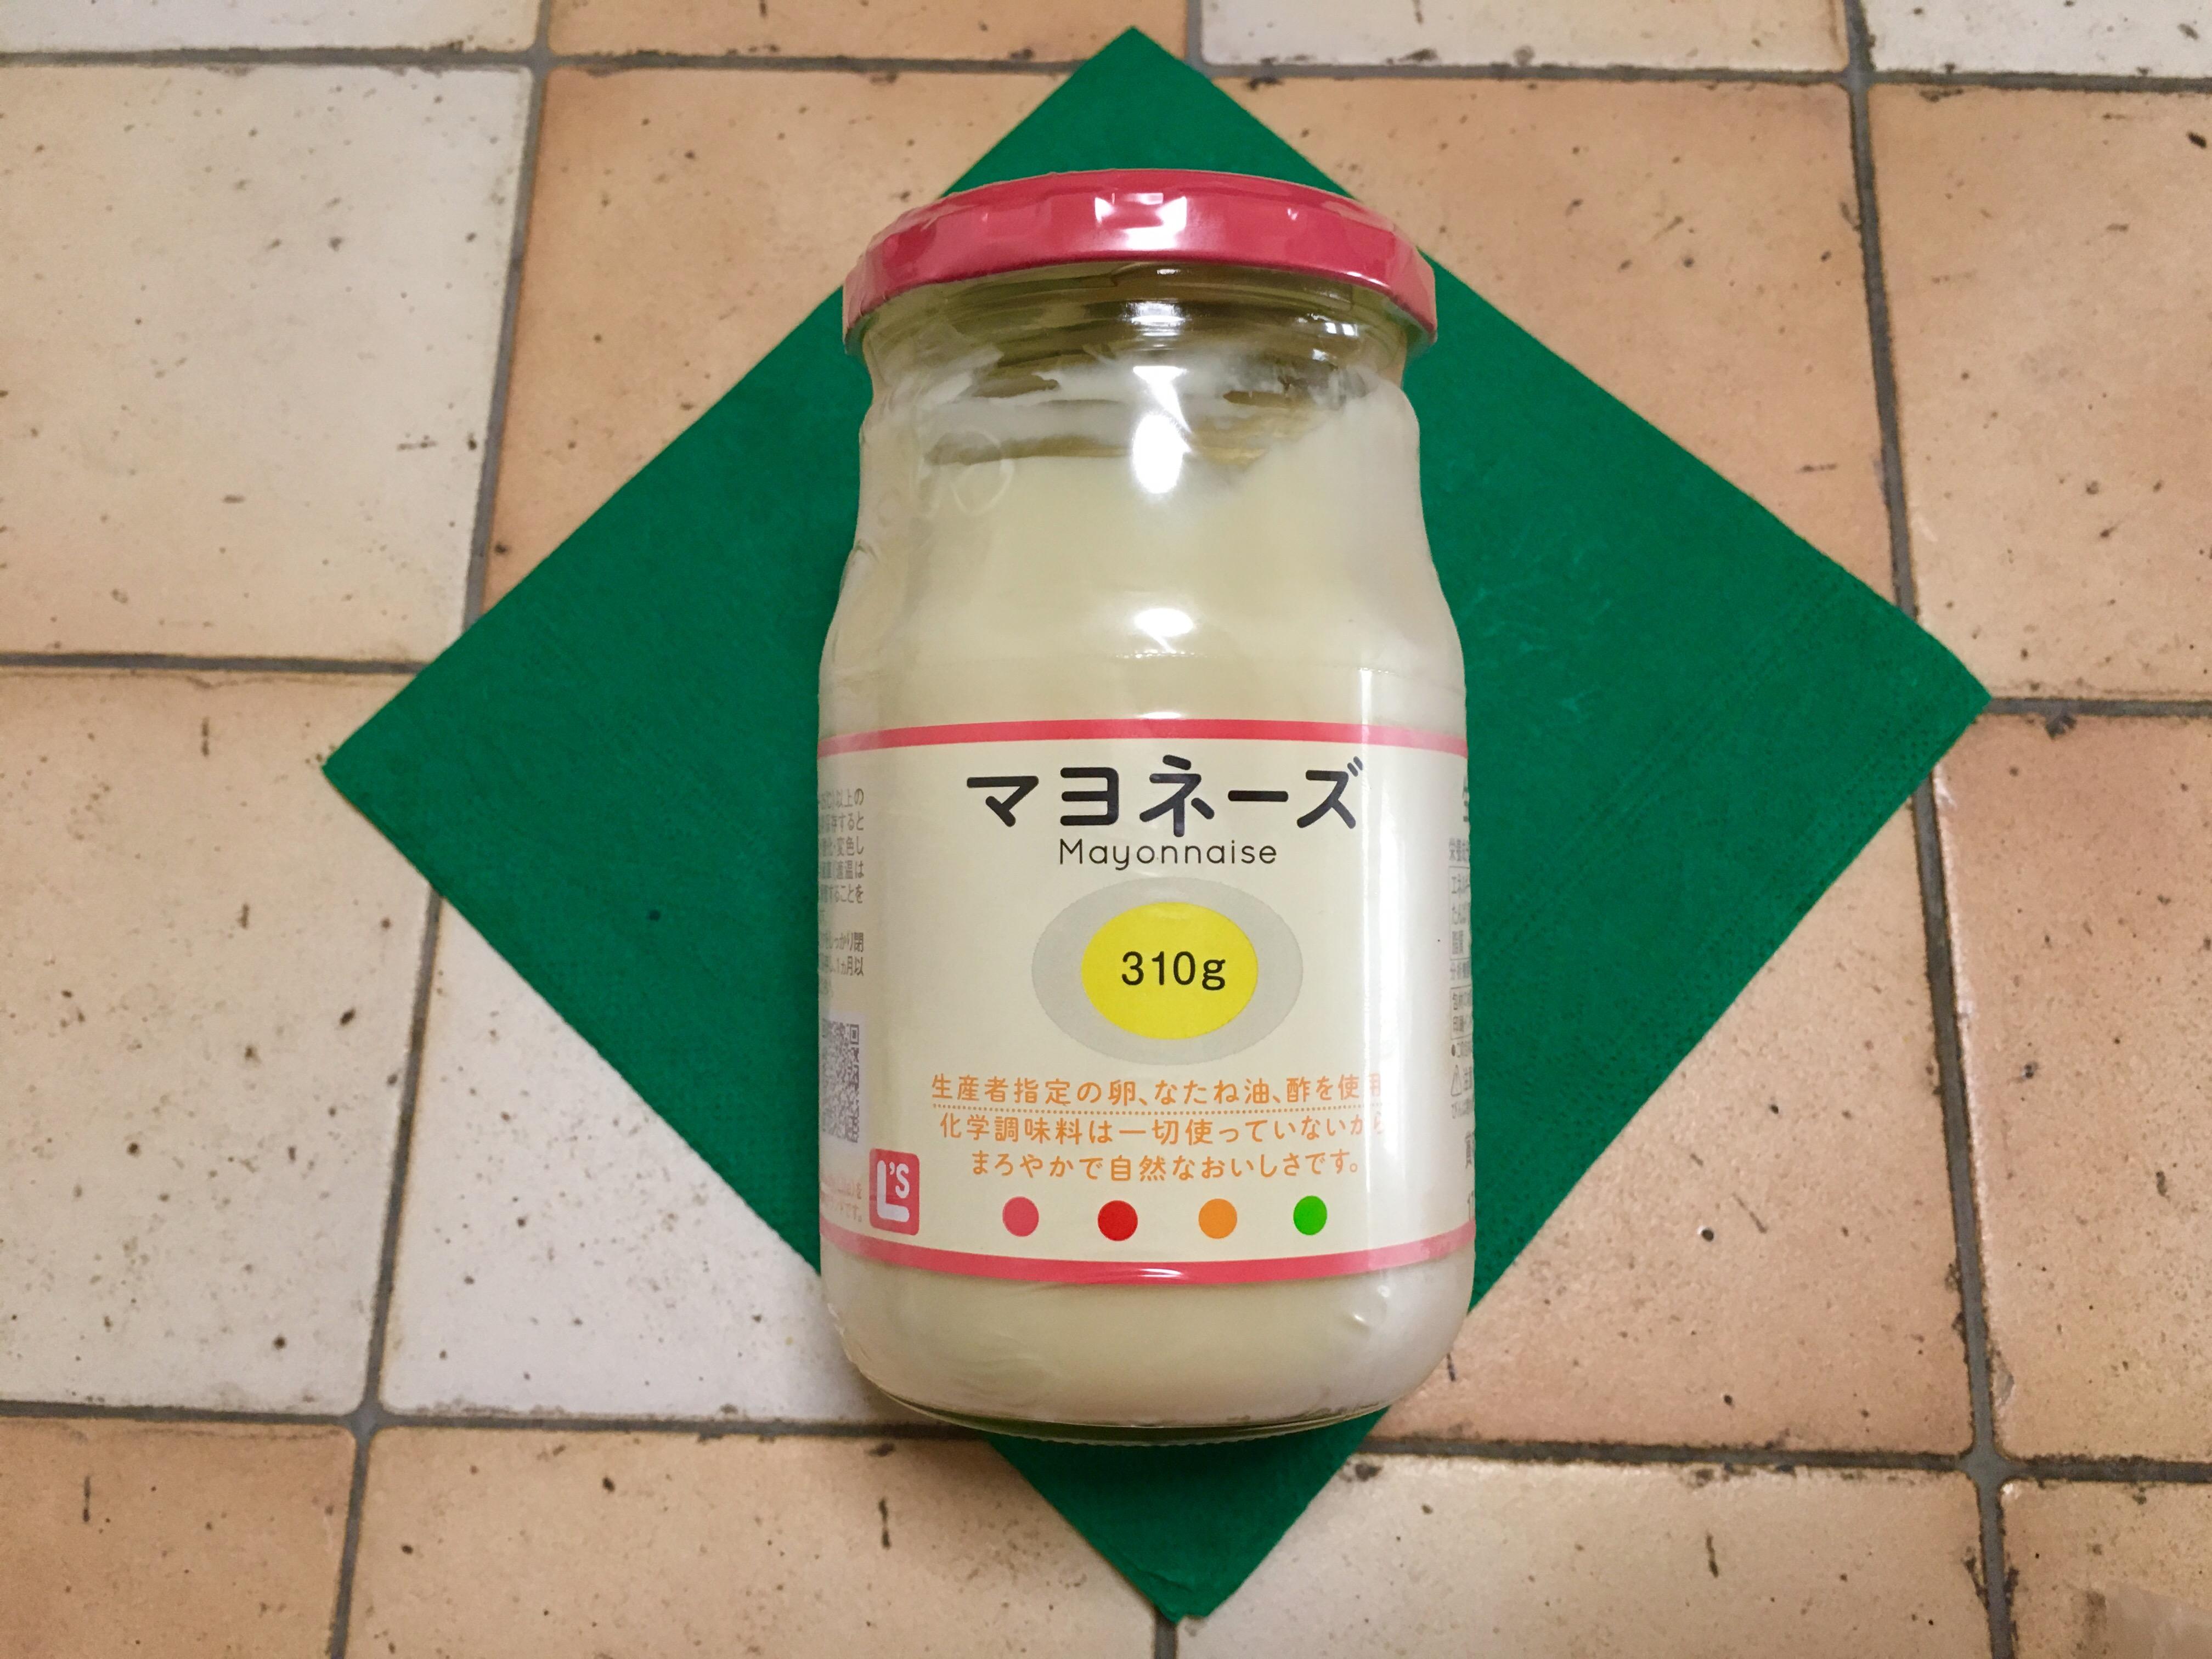 生活クラブの配達品、始めた方限定、マヨネーズ(オリエンタル酵母工業)